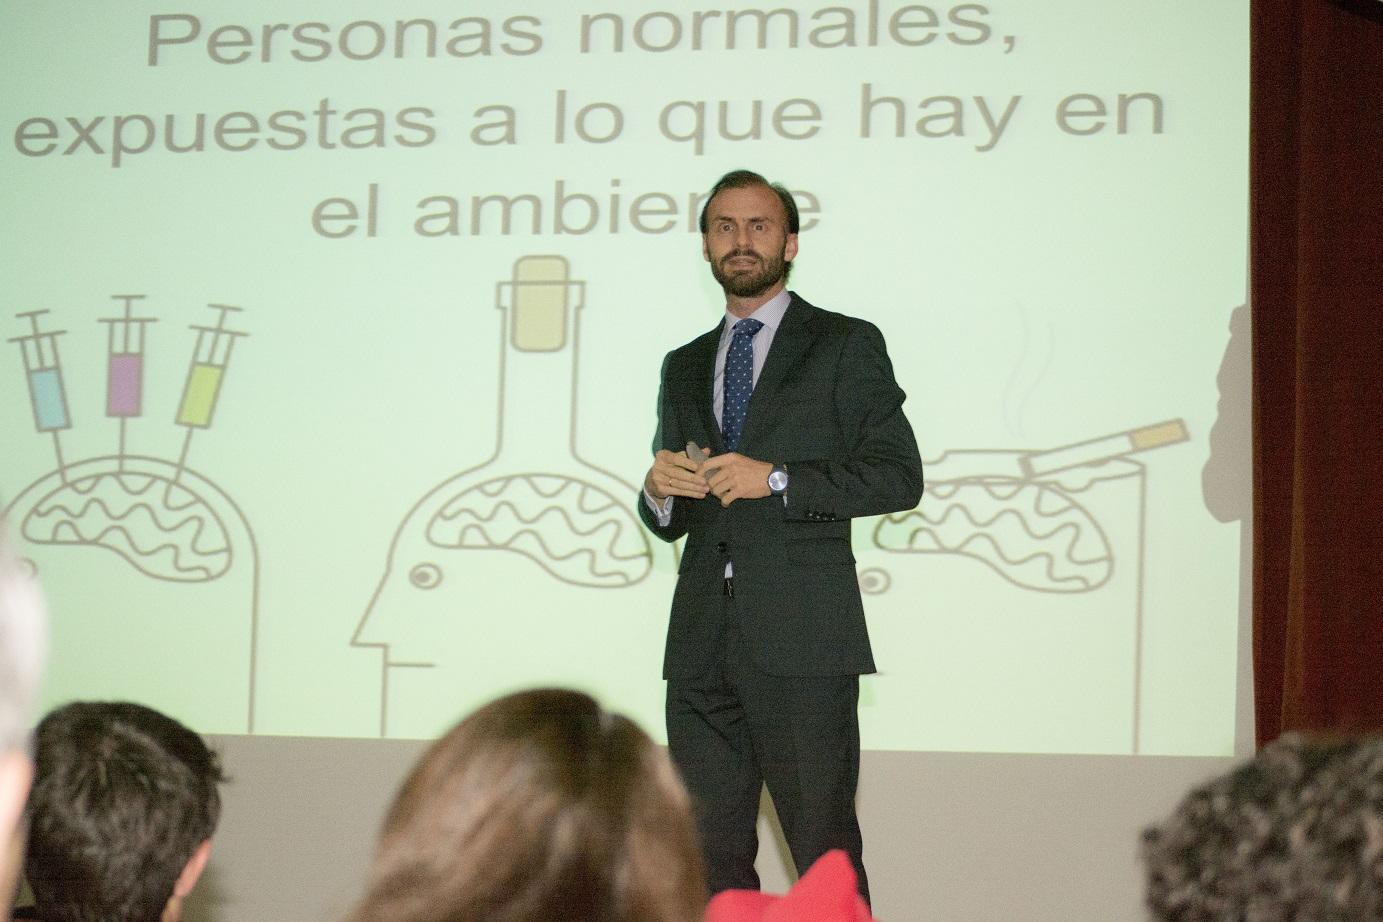 Conferencia en La Estila del médico psiquiatra Carlos Chiclana